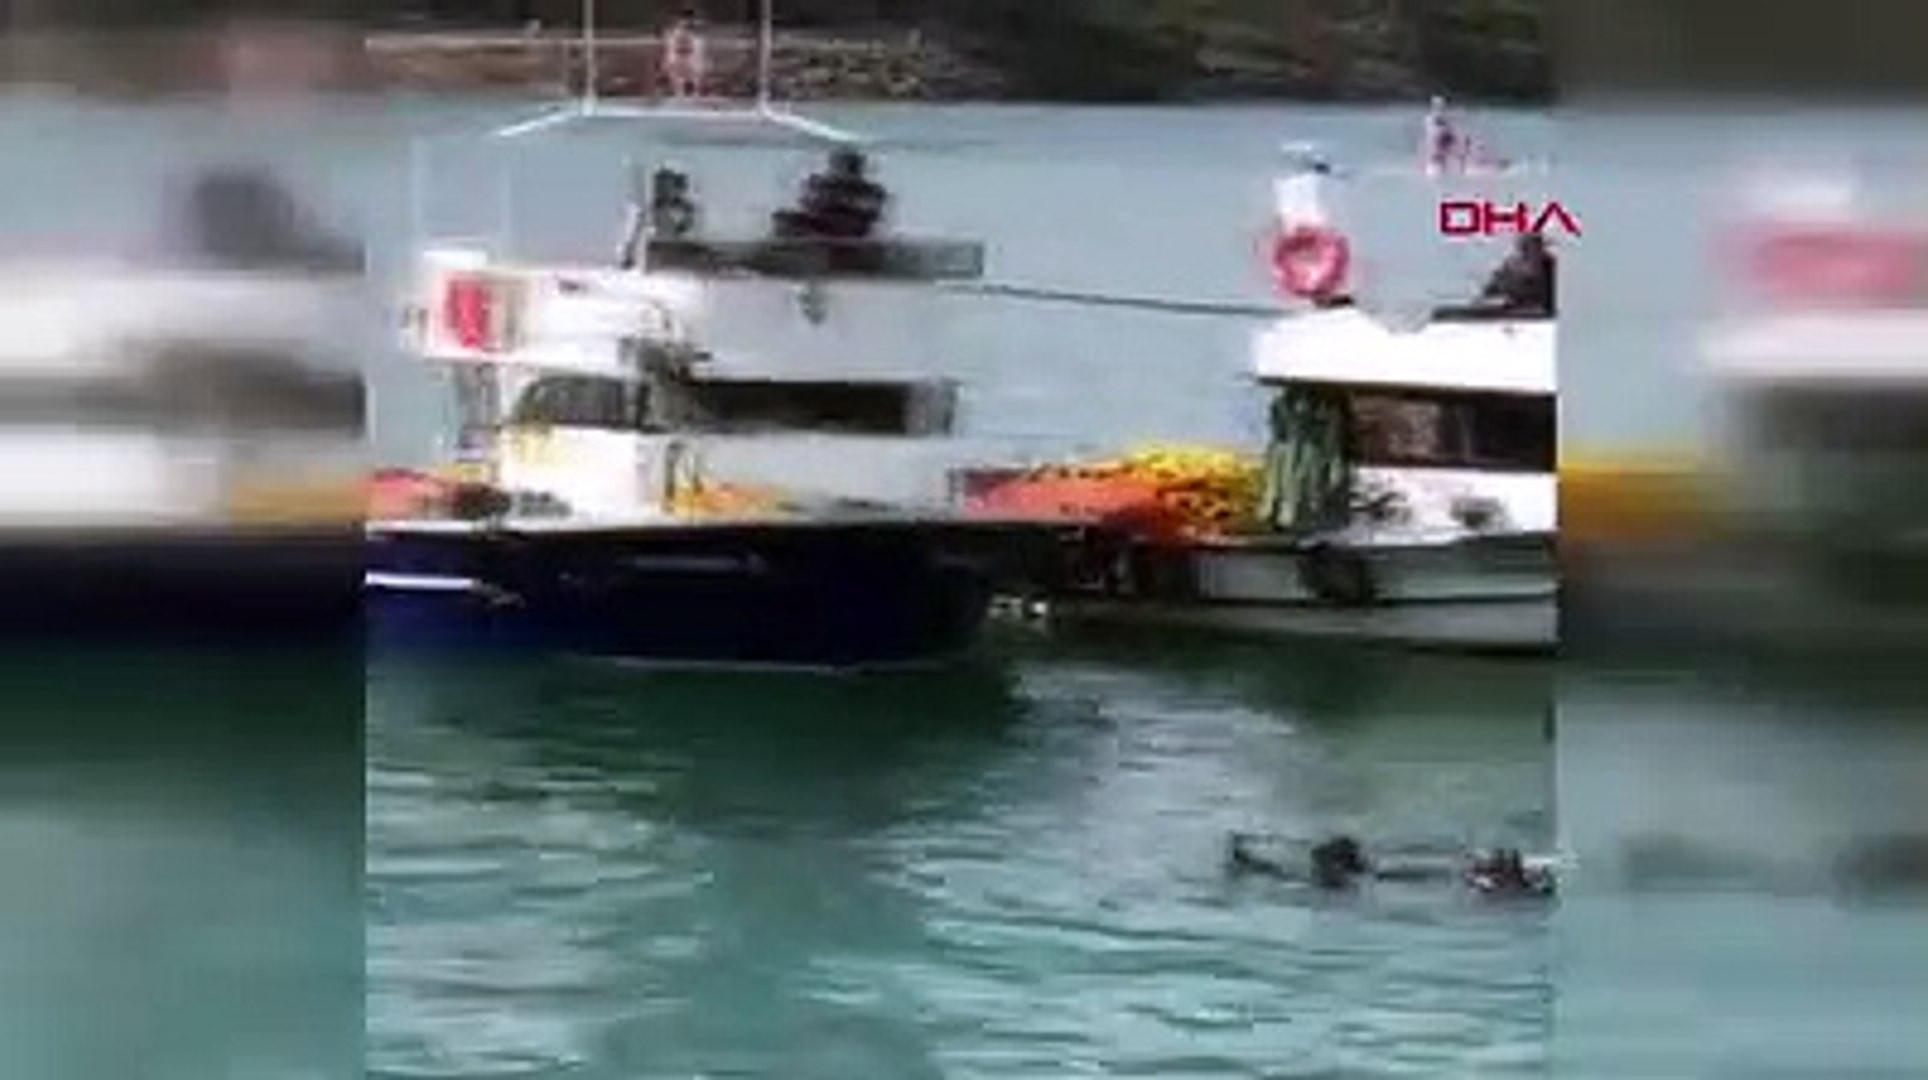 İstanbul Boğazı'nda facia: Ölü sayısı 2'ye yükseldi